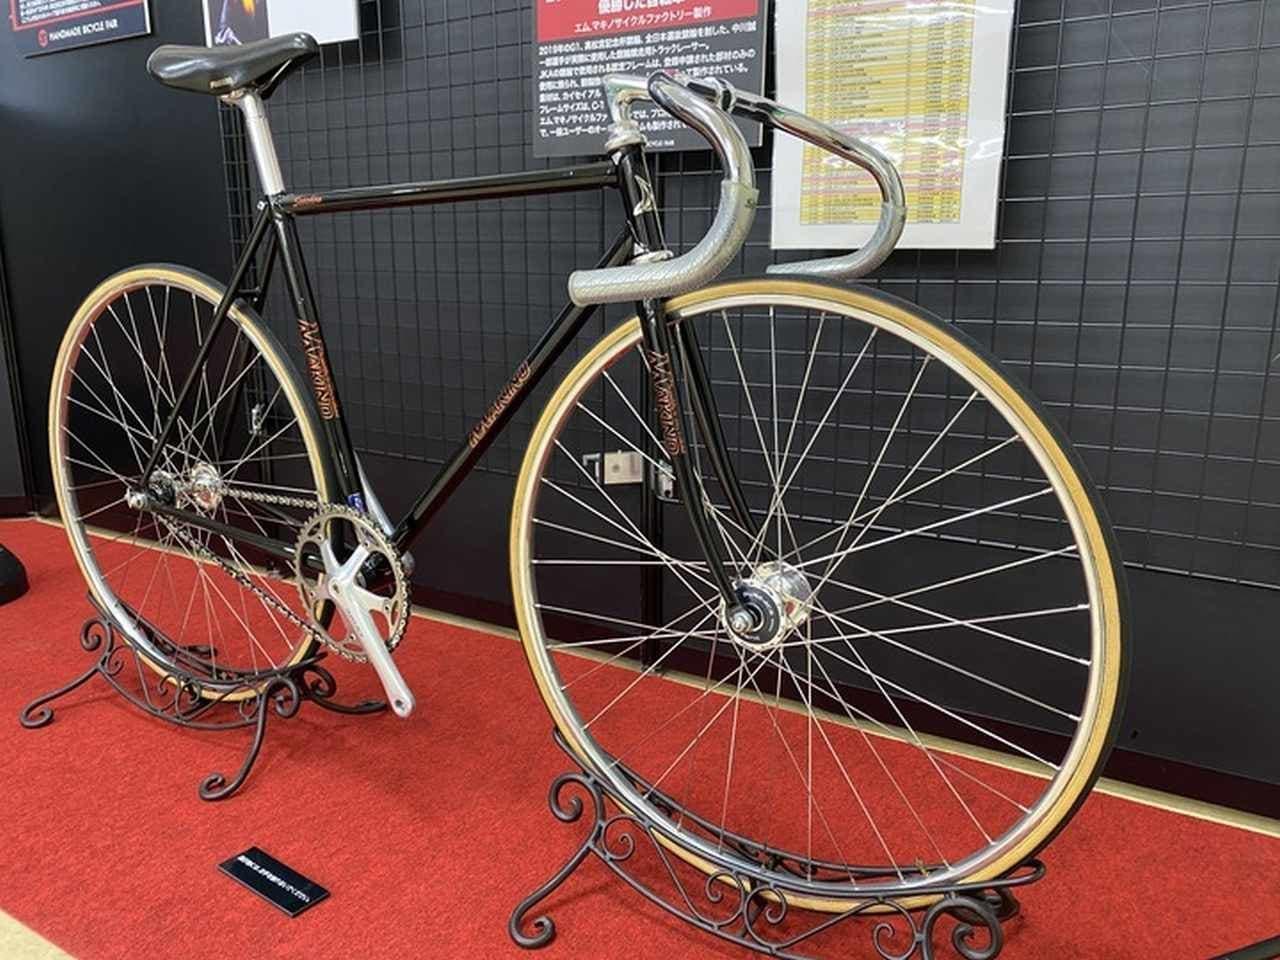 オーダーメイド自転車の展示会「ハンドメイドバイシクル展」